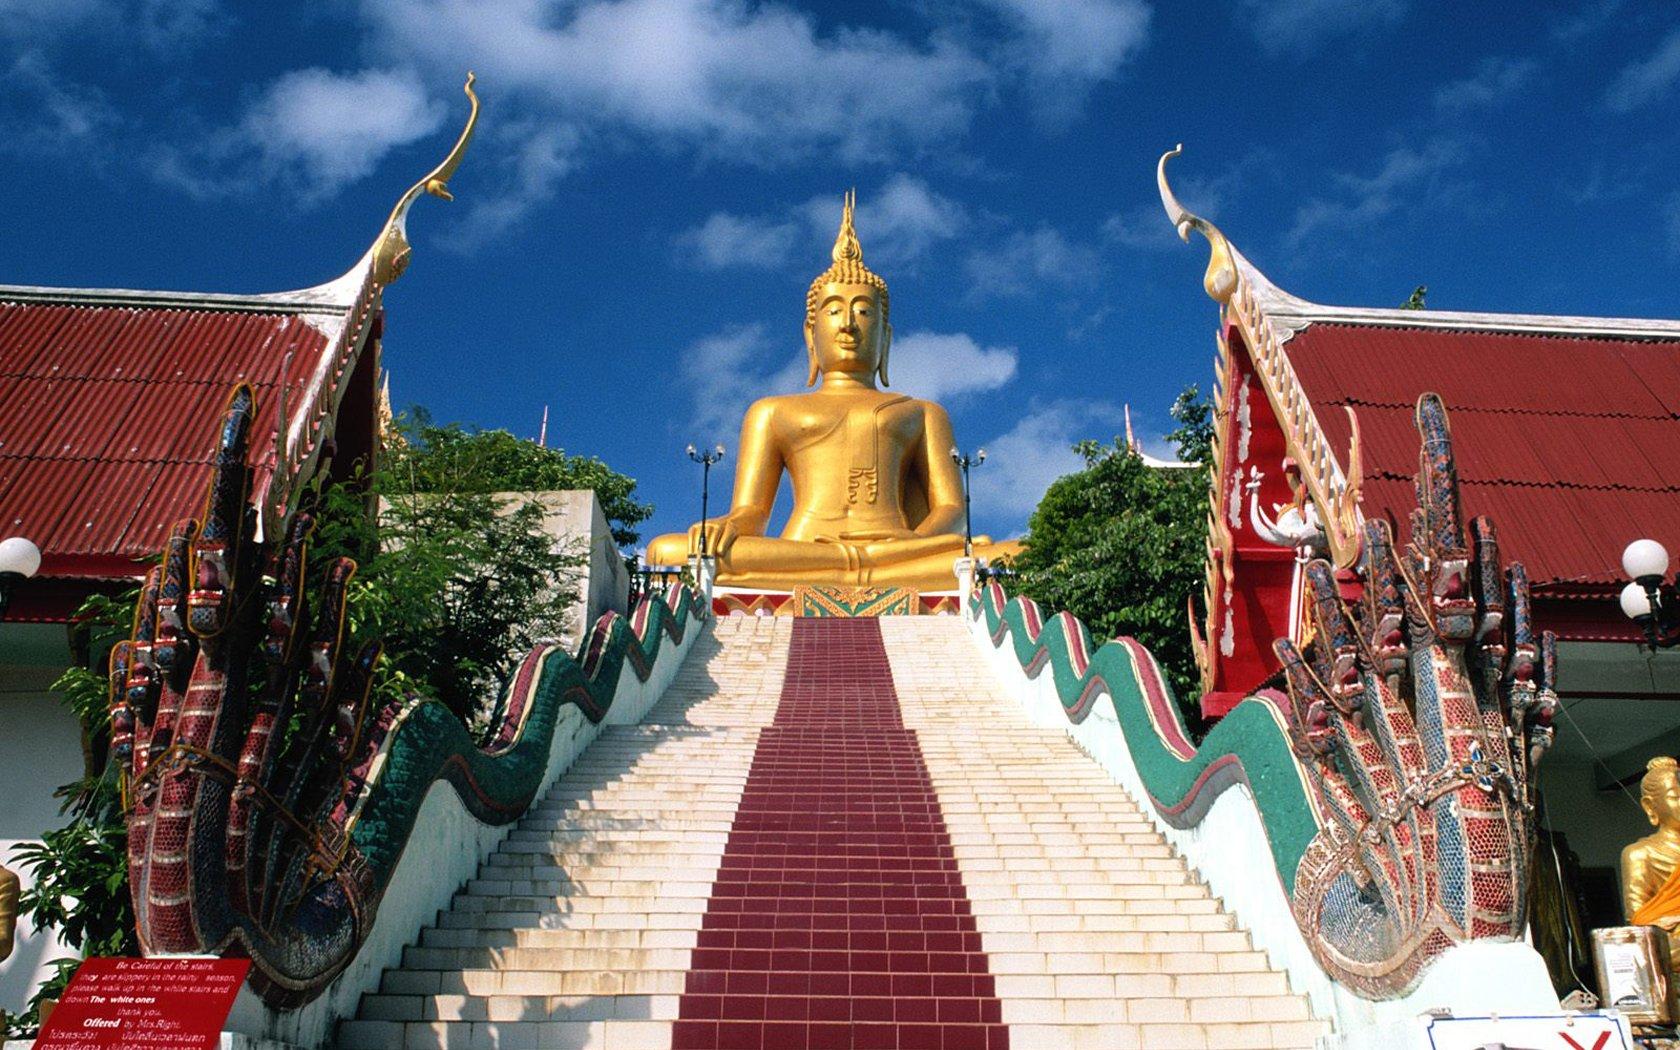 泰国曼谷 芭提雅六天五晚风情游